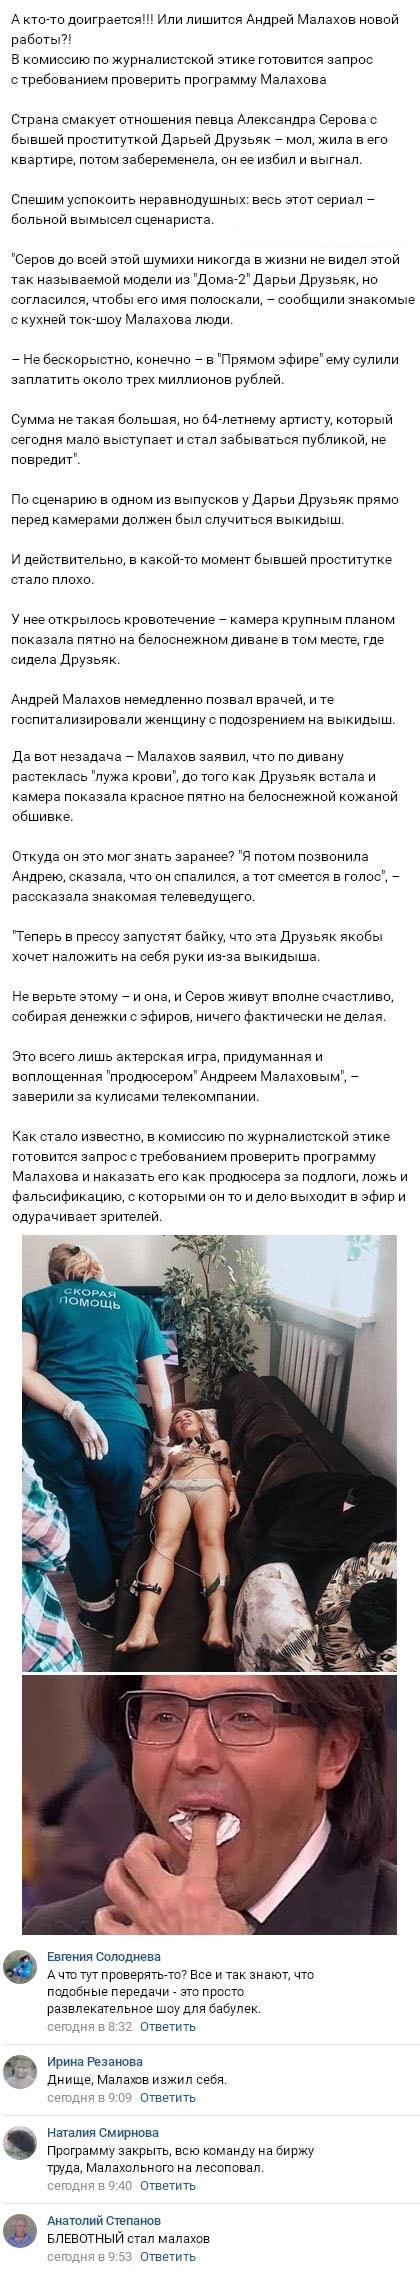 Дарьи Друзьяк серьезно подставила Андрея Малахова и его ток-шоу